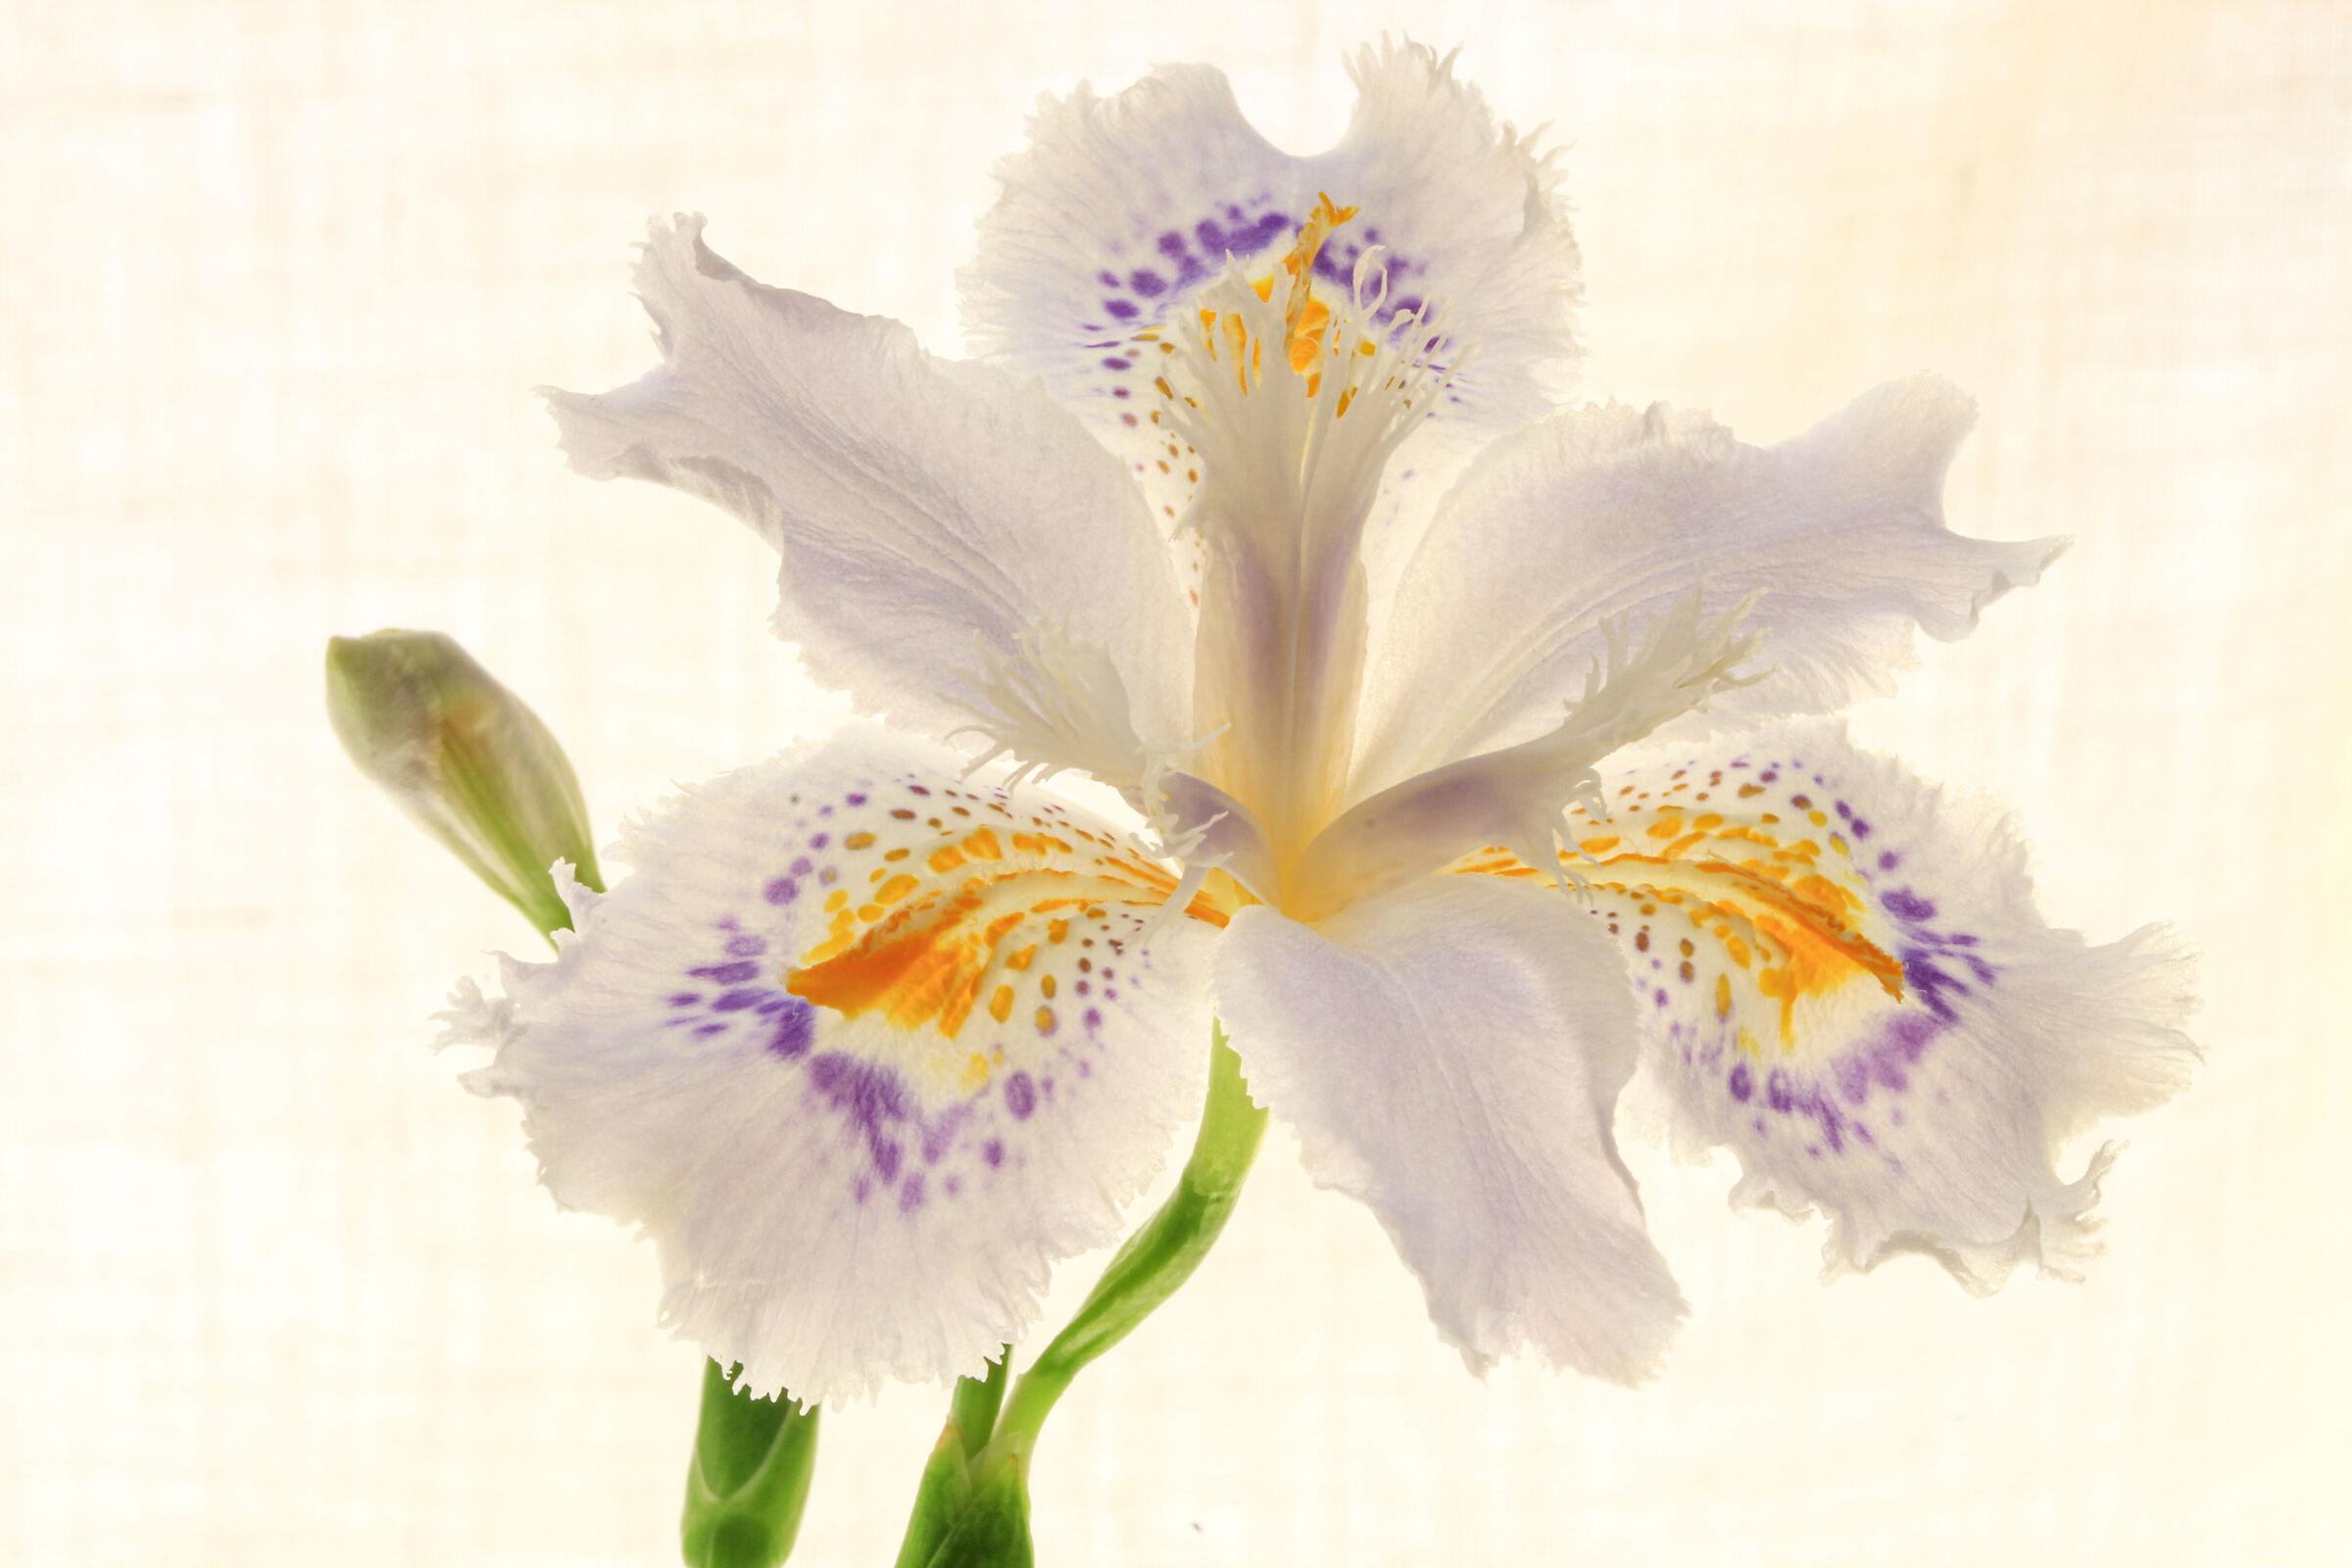 un candido iris...